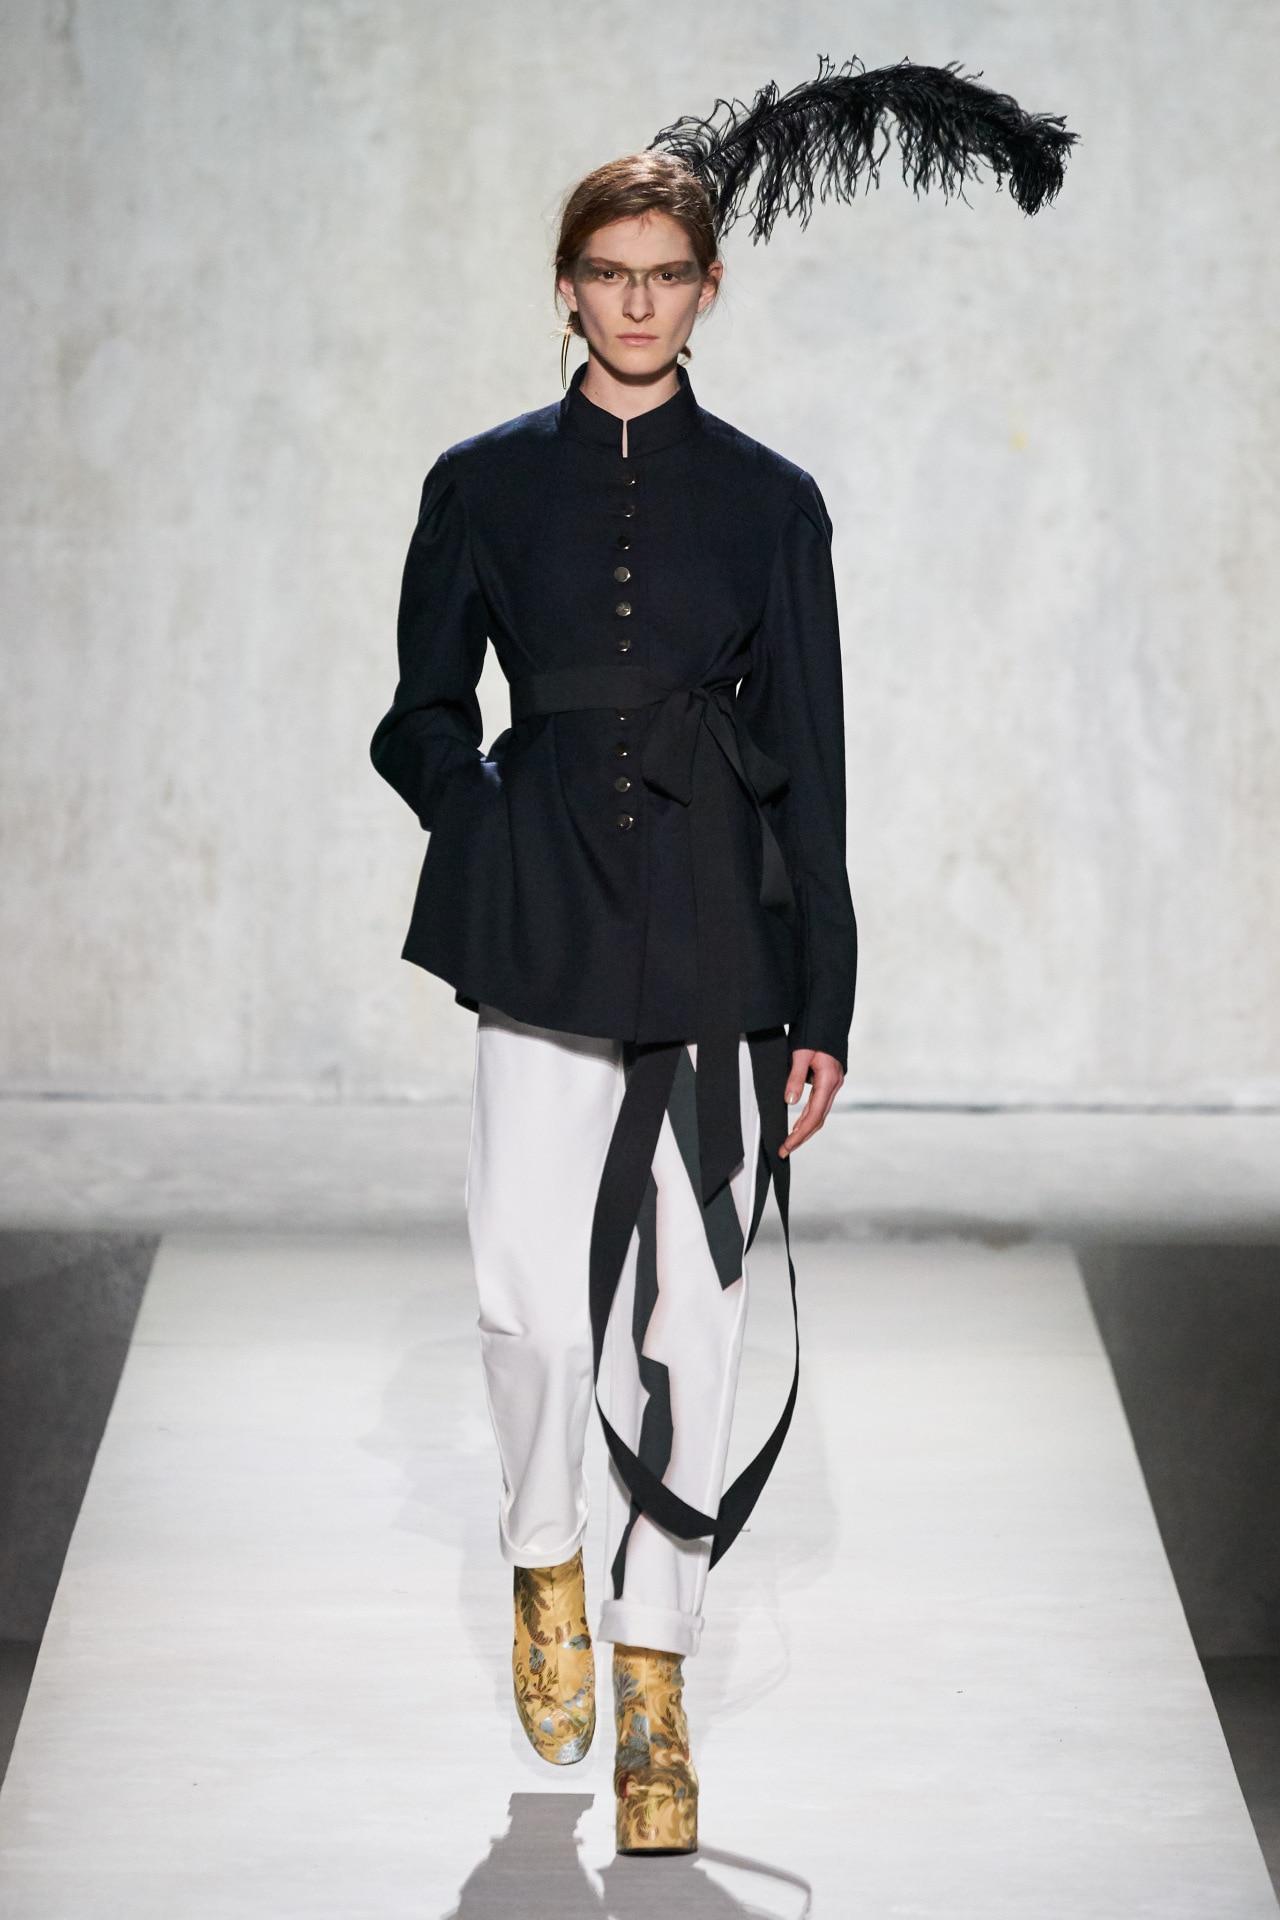 Dries Van Noten ready-to-wear spring/summer 2020